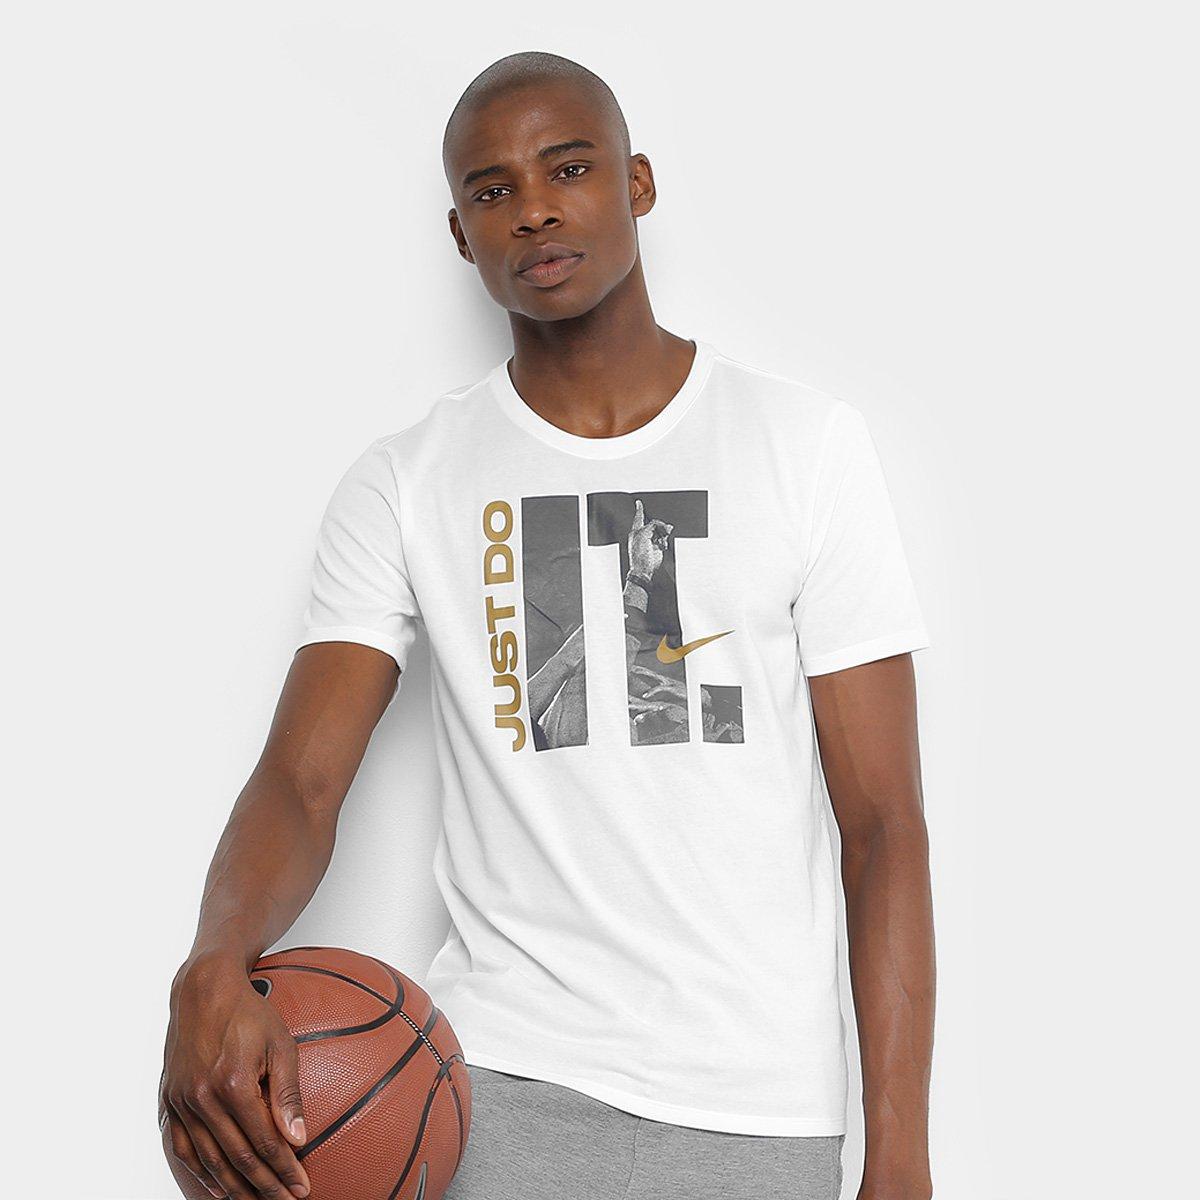 Camiseta Nike Team Do It Masculina - Compre Agora  e69ec8e690a6b